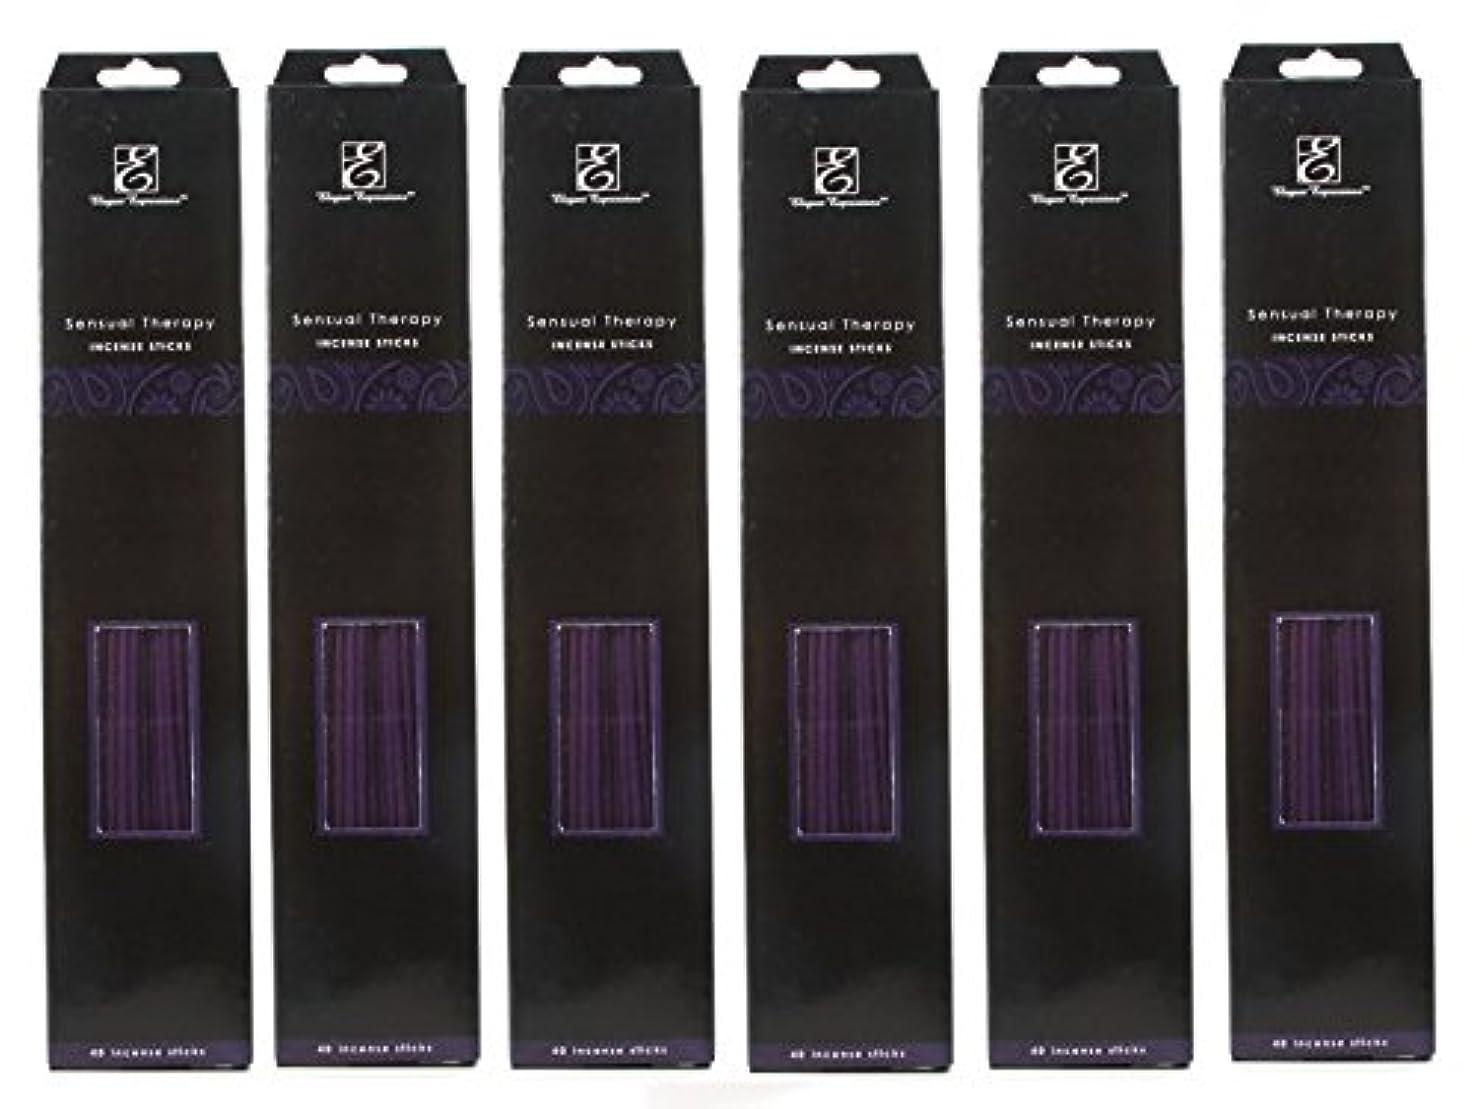 北ブランデー公演Hosley 's Highly Fragranced官能的療法Incense Sticks 240パック、Infused with Essential Oils。Ideal For結婚式、イベント、アロマセラピー、Spa...